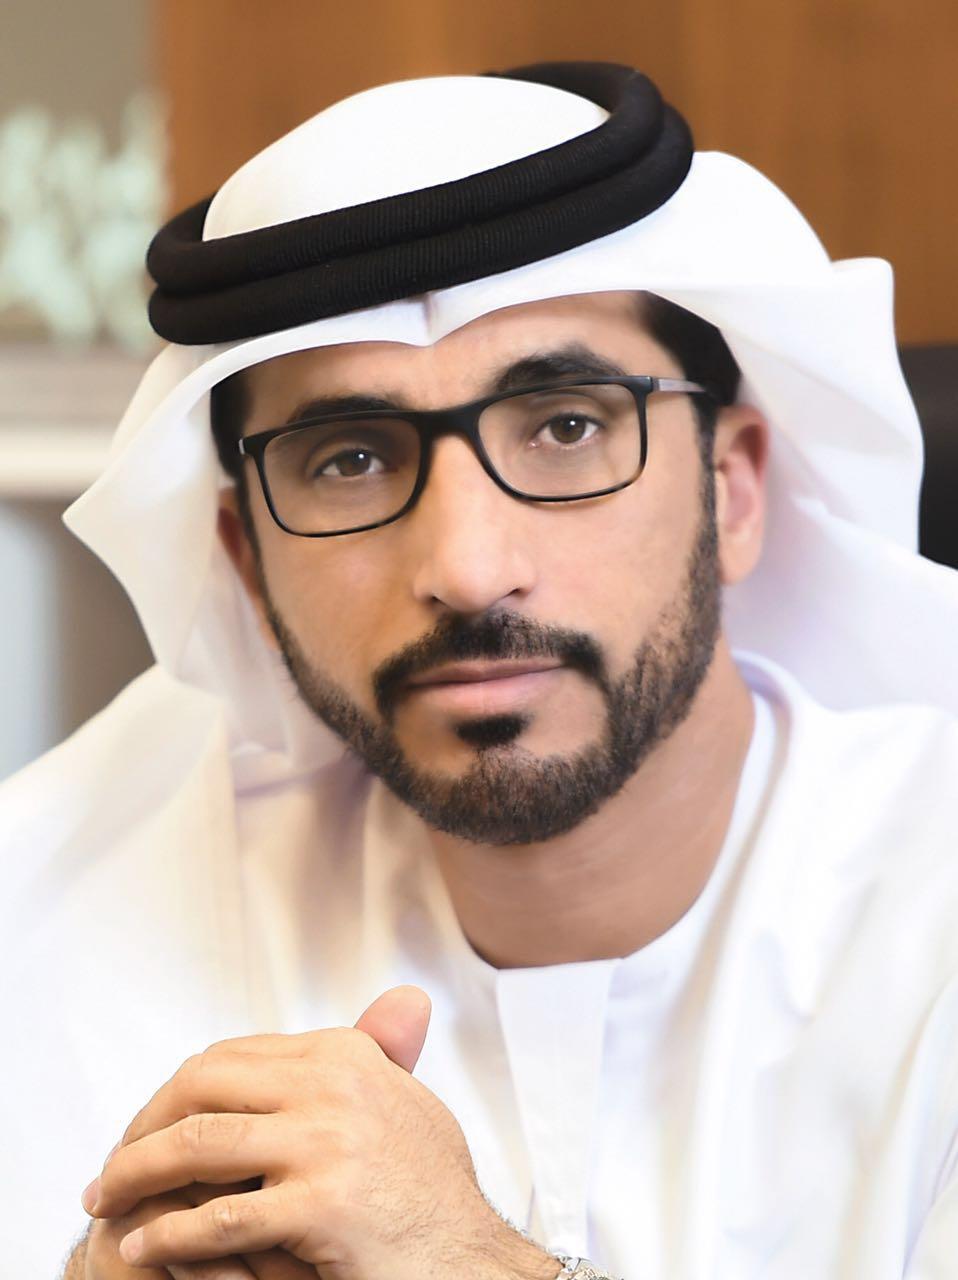 الحمادي: نؤكد دعمنا لزملائنا الصحفيين في فلسطين